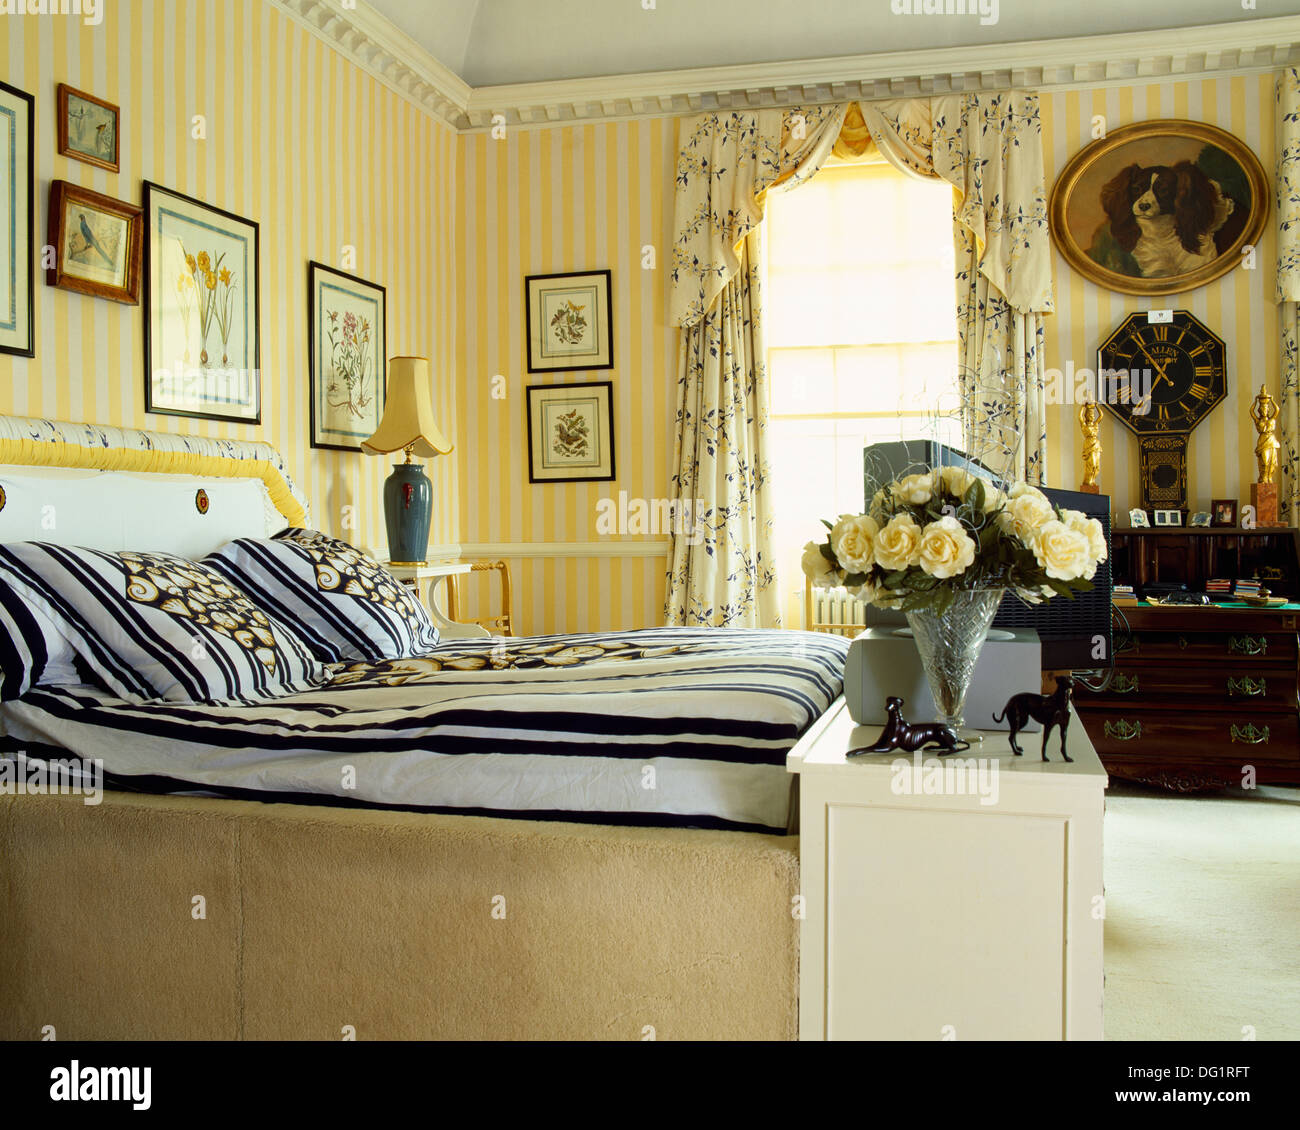 gelb gestreifte tapete und floral gardinen im schlafzimmer stadthaus mit schwarz wei. Black Bedroom Furniture Sets. Home Design Ideas